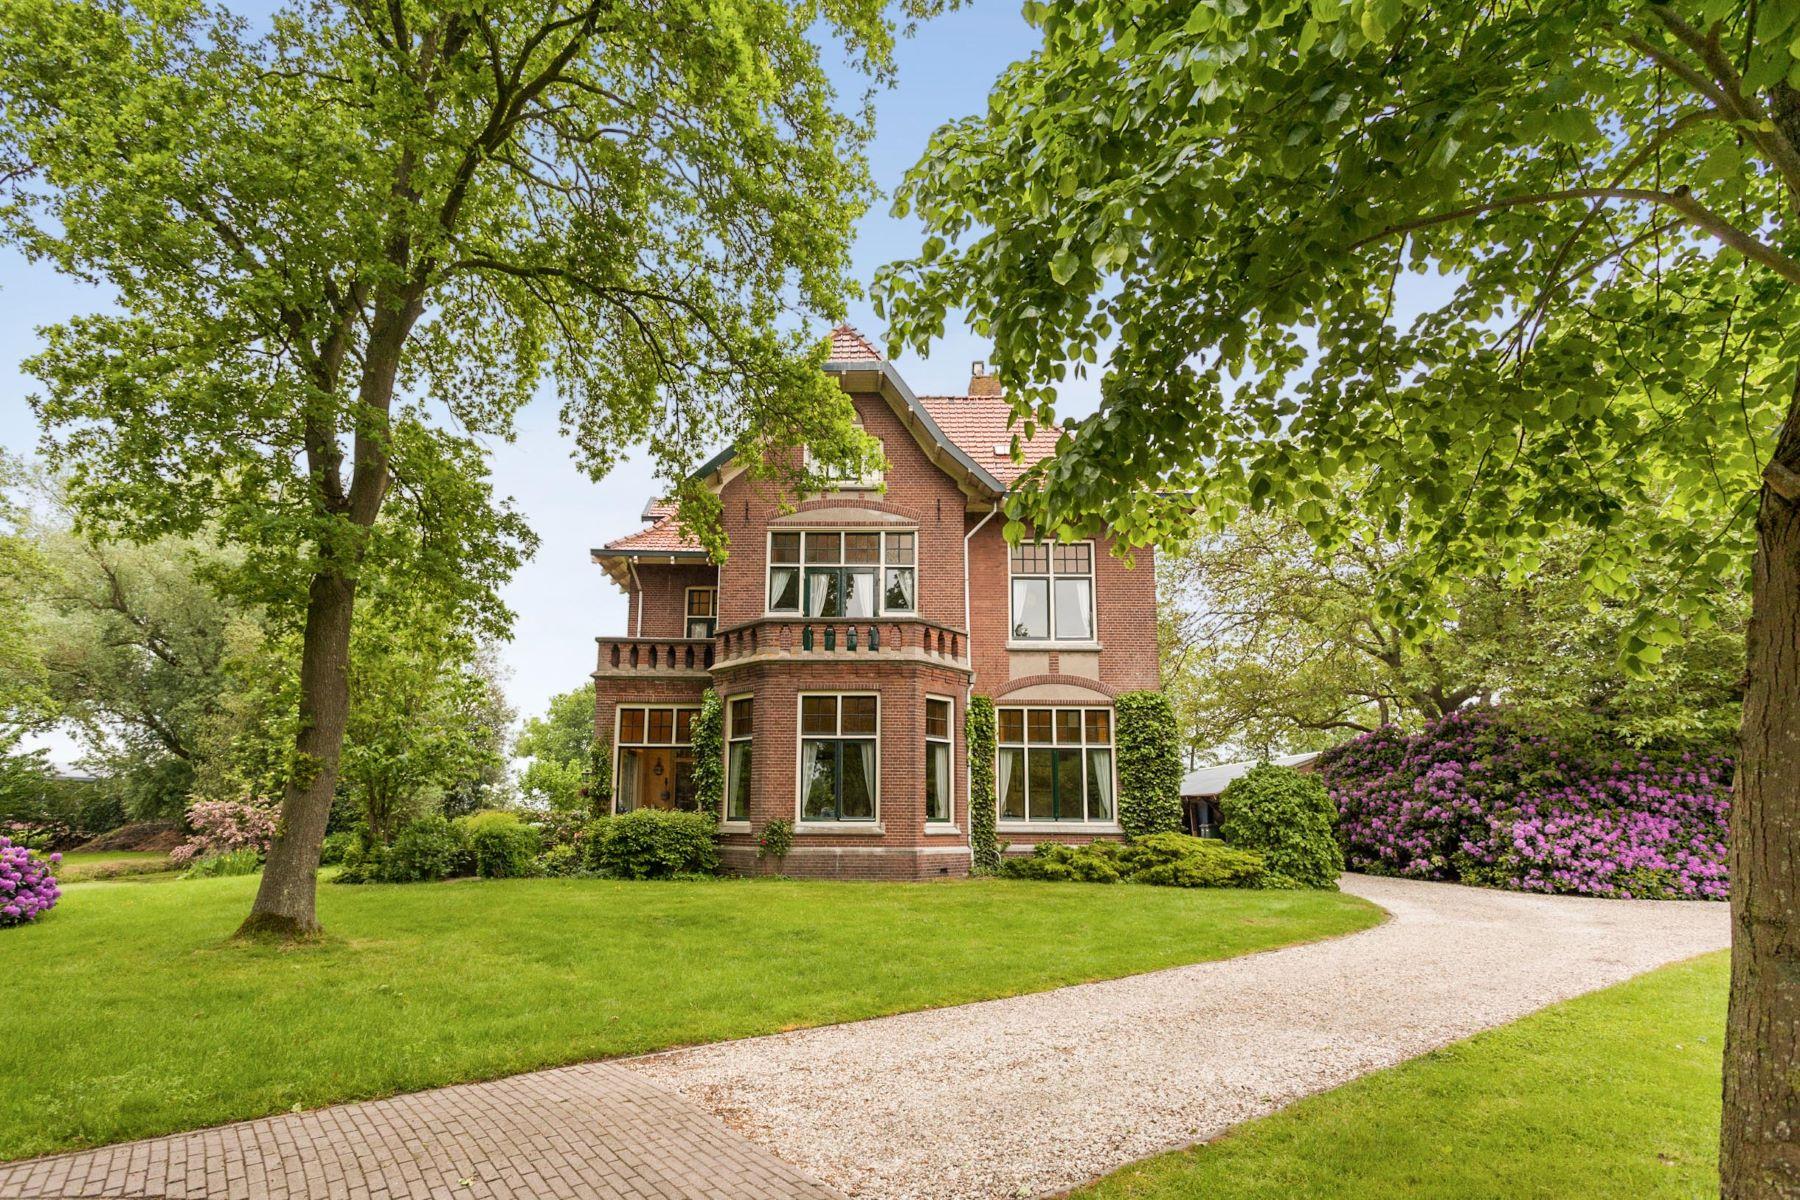 Maison unifamiliale pour l Vente à Former Steward's Mansion Rollecate 40, Punthorst, Overijssel, 7715 RL Pays-Bas